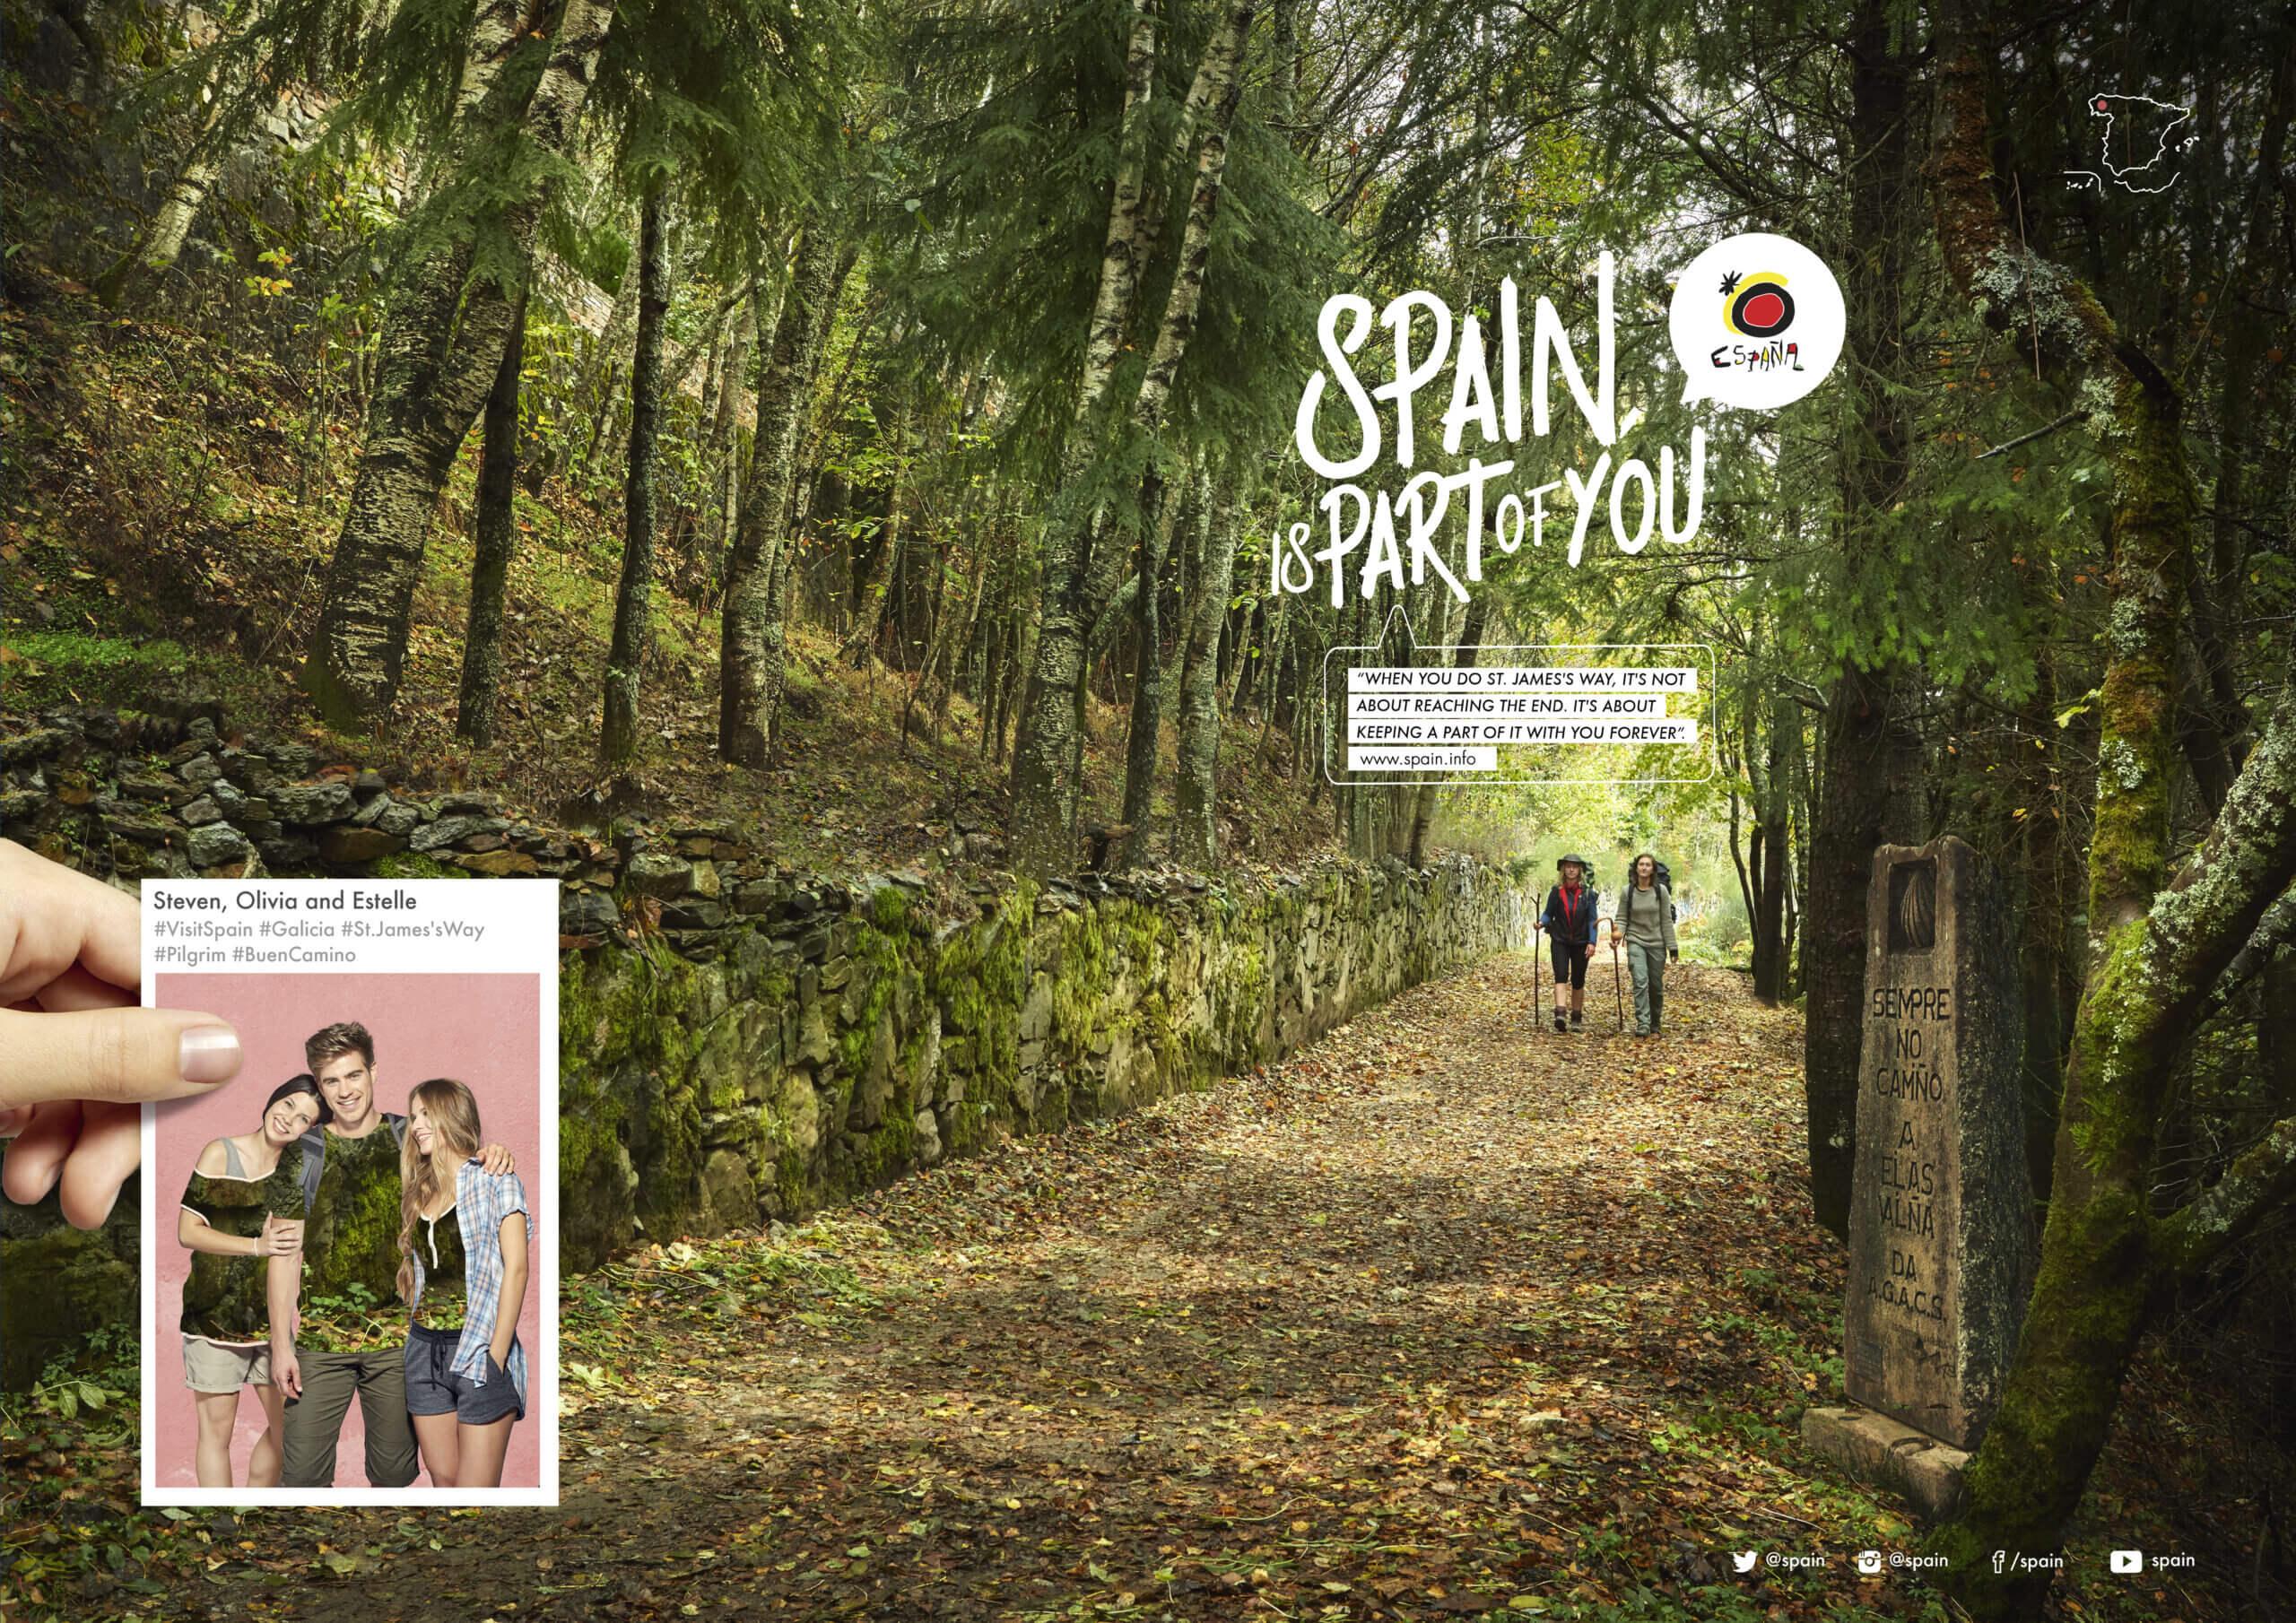 TURESPAÑA: España es parte de ti 1